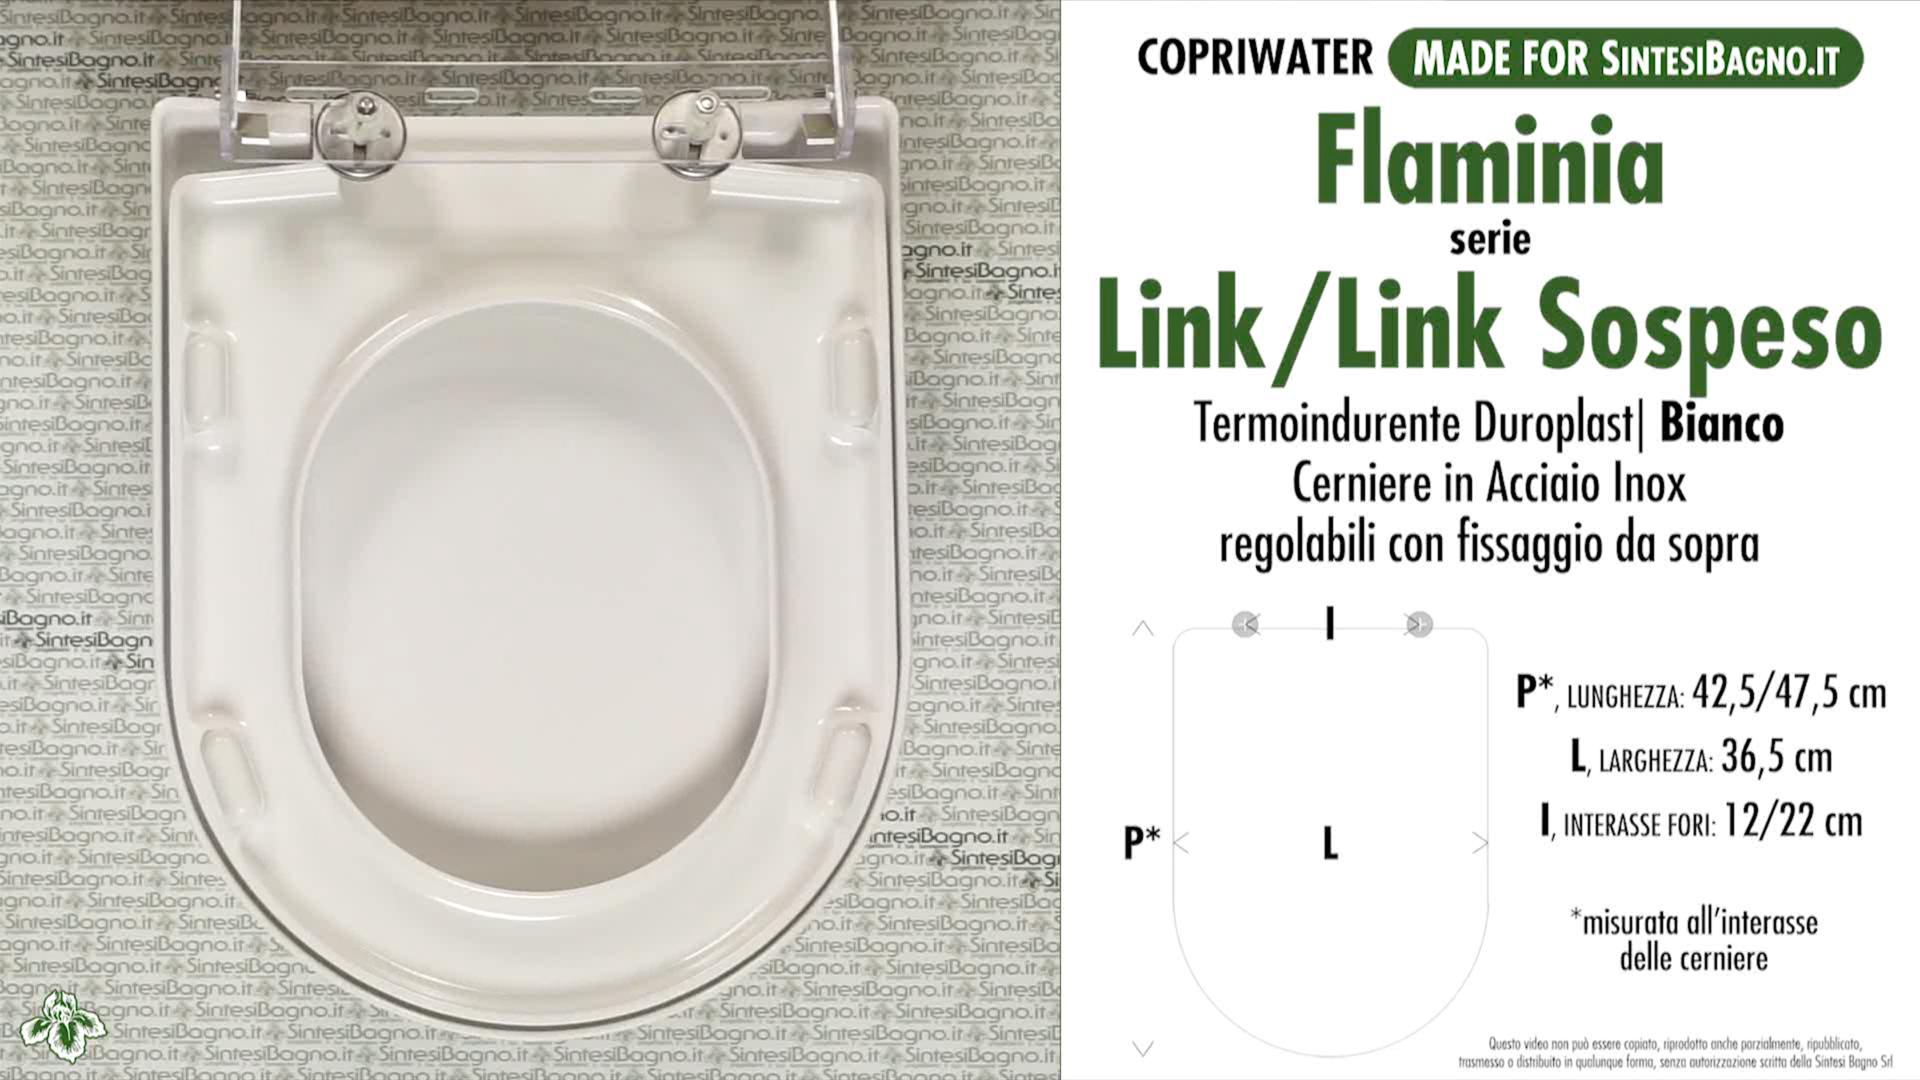 SCHEDA TECNICA MISURE copriwater FLAMINIA LINK